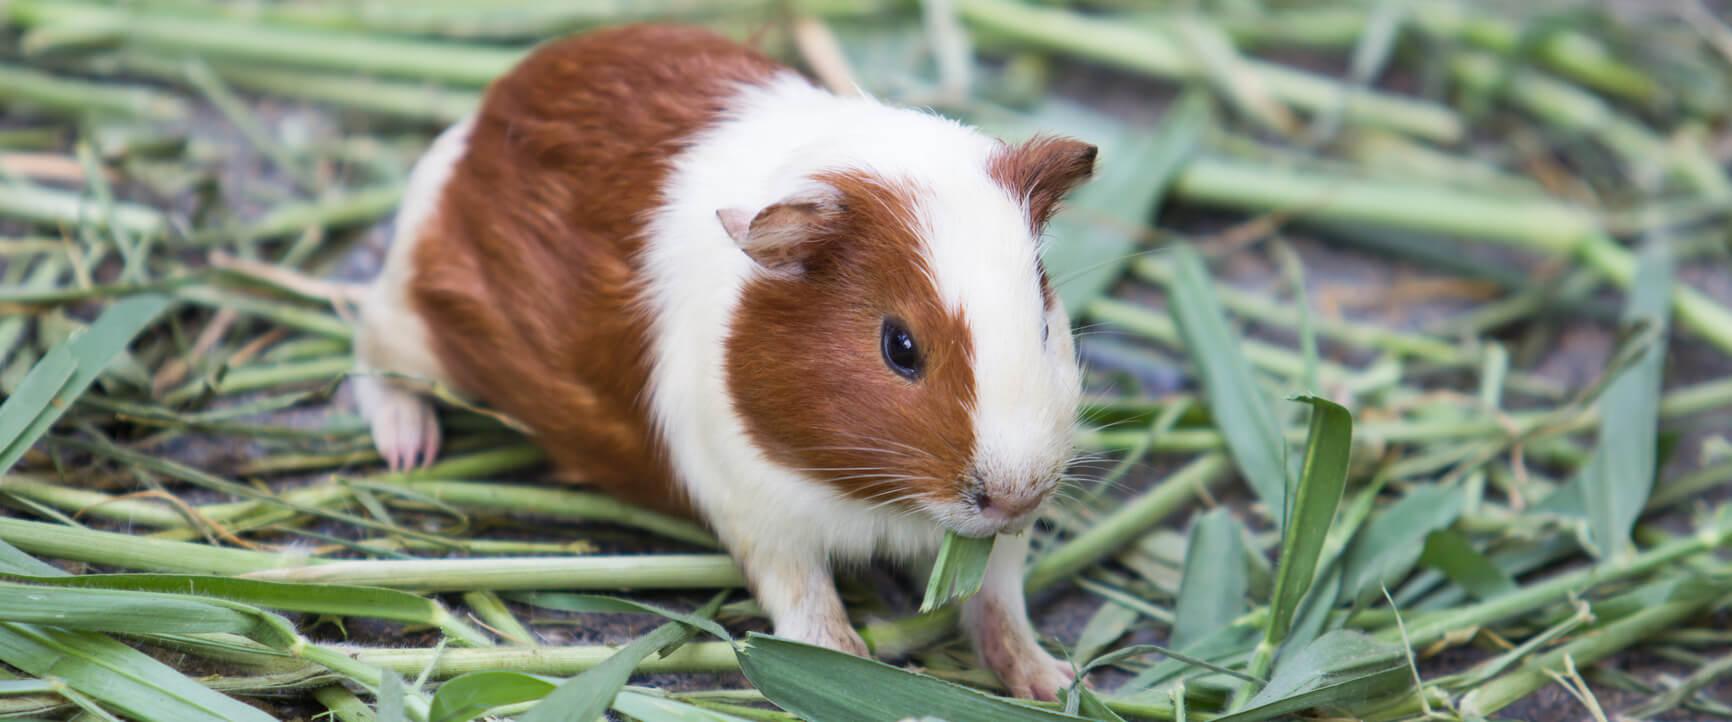 http://brookhurstanimal.com/wp-content/uploads/2016/07/guinea-pig-veterinarian.jpg